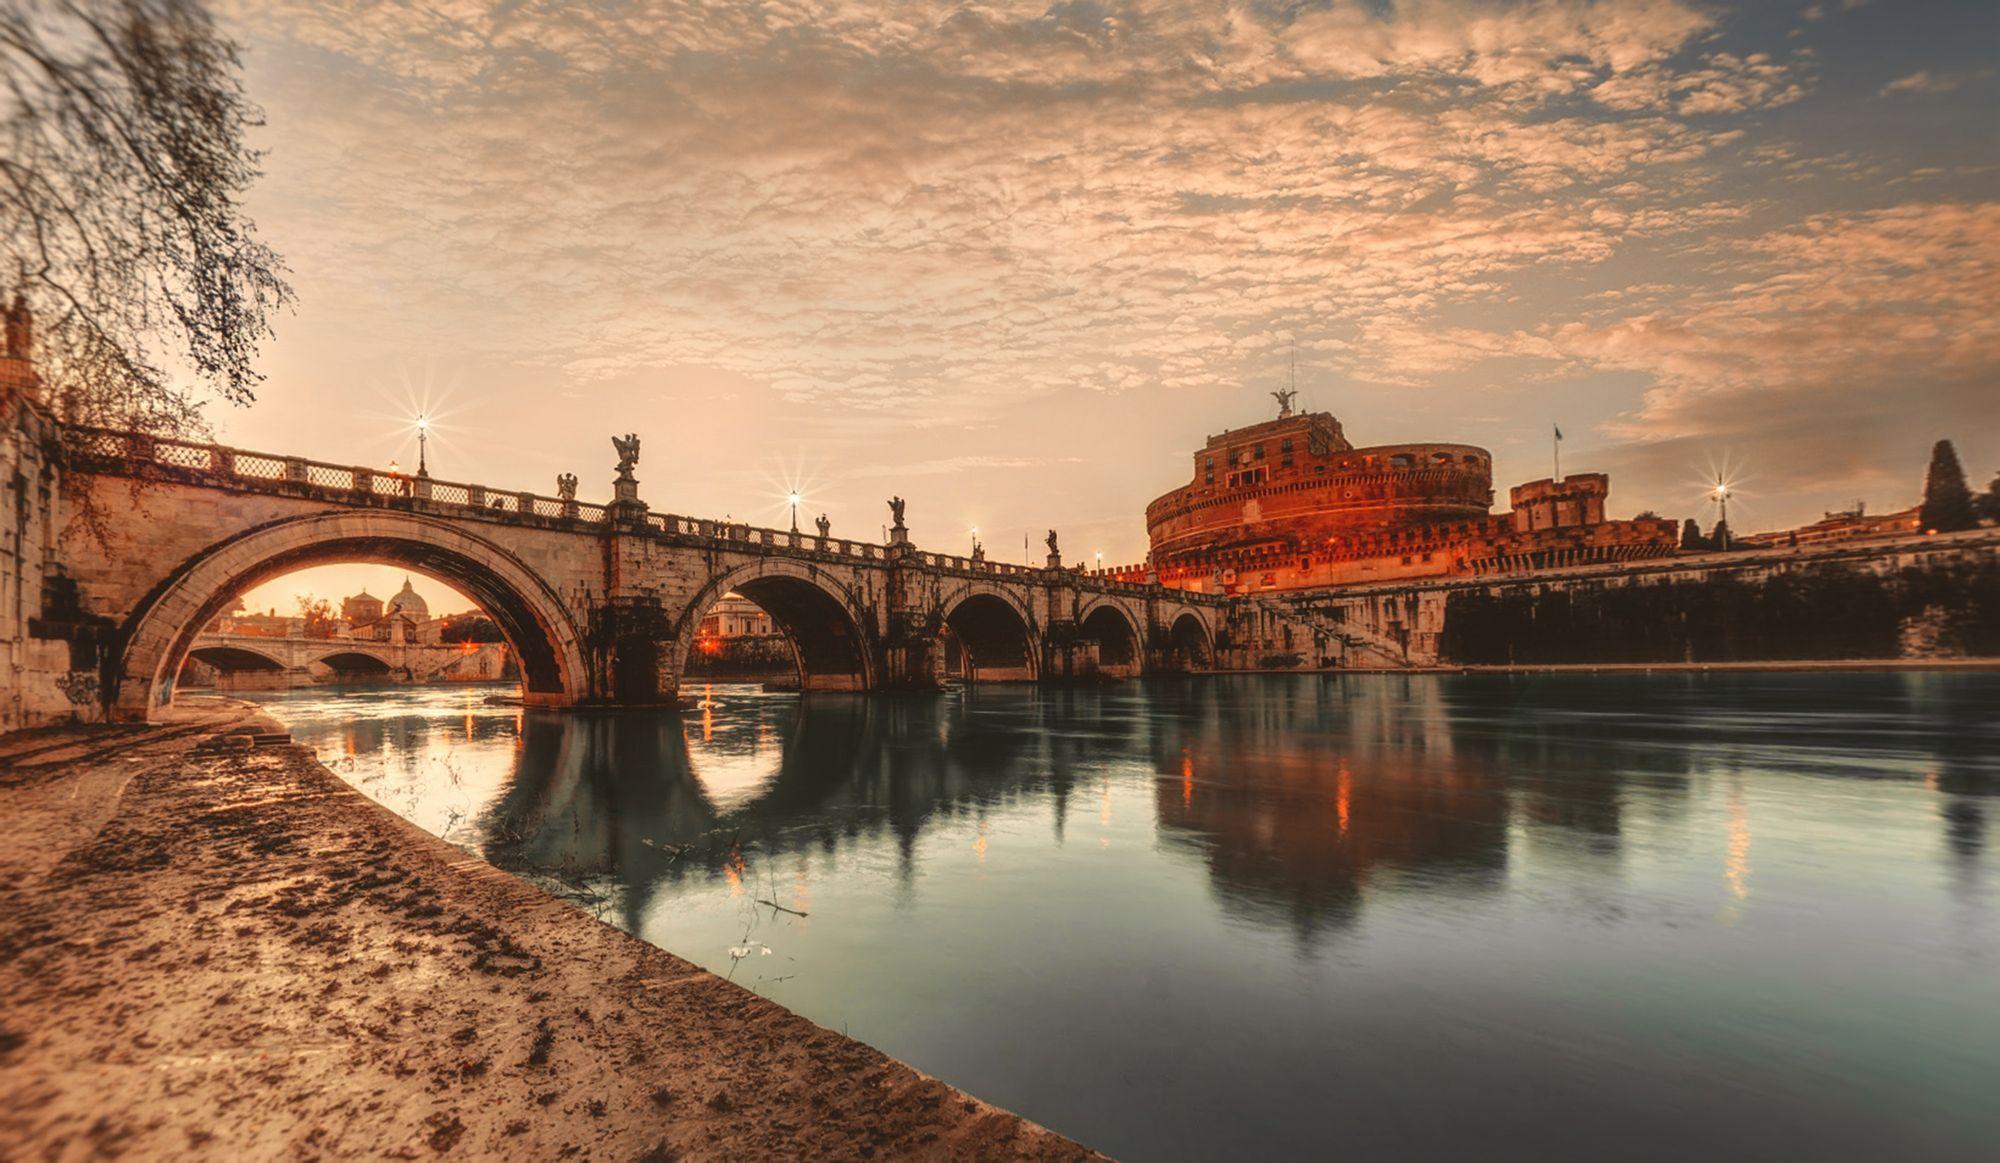 vue sur le pont Saint-Ange, le château Saint-Ange et le Tibre à Rome en Italie